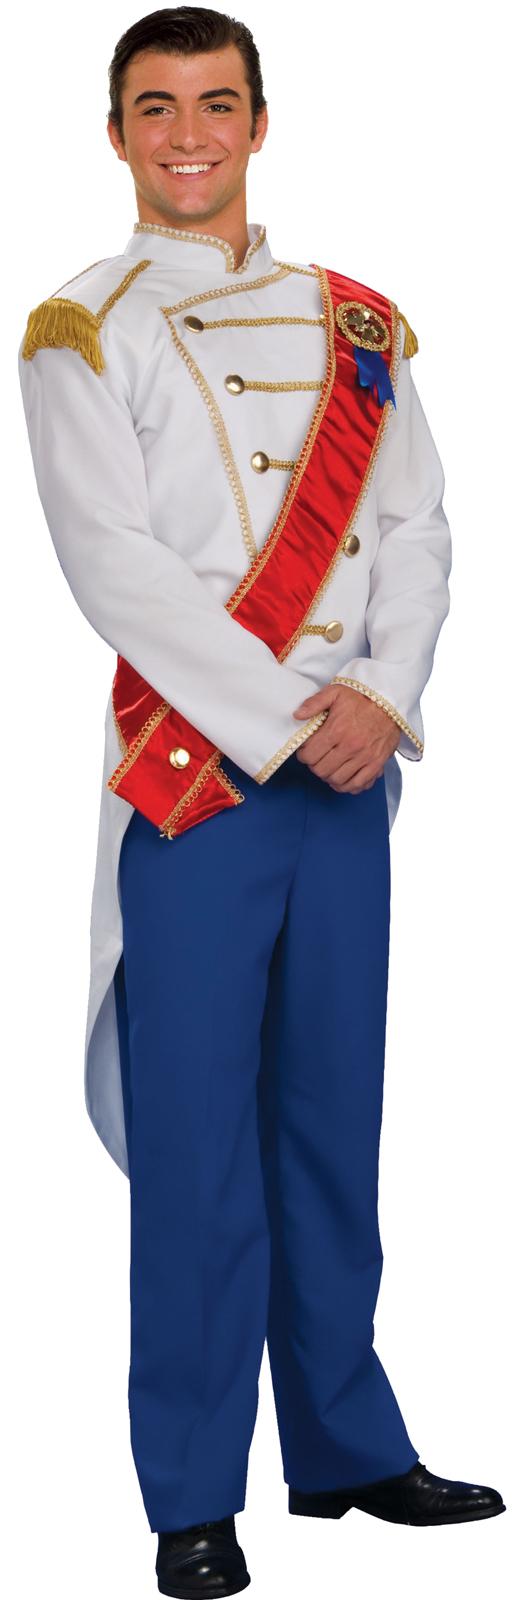 charming prince adult costume buycostumescom - Prince Charming Halloween Costumes